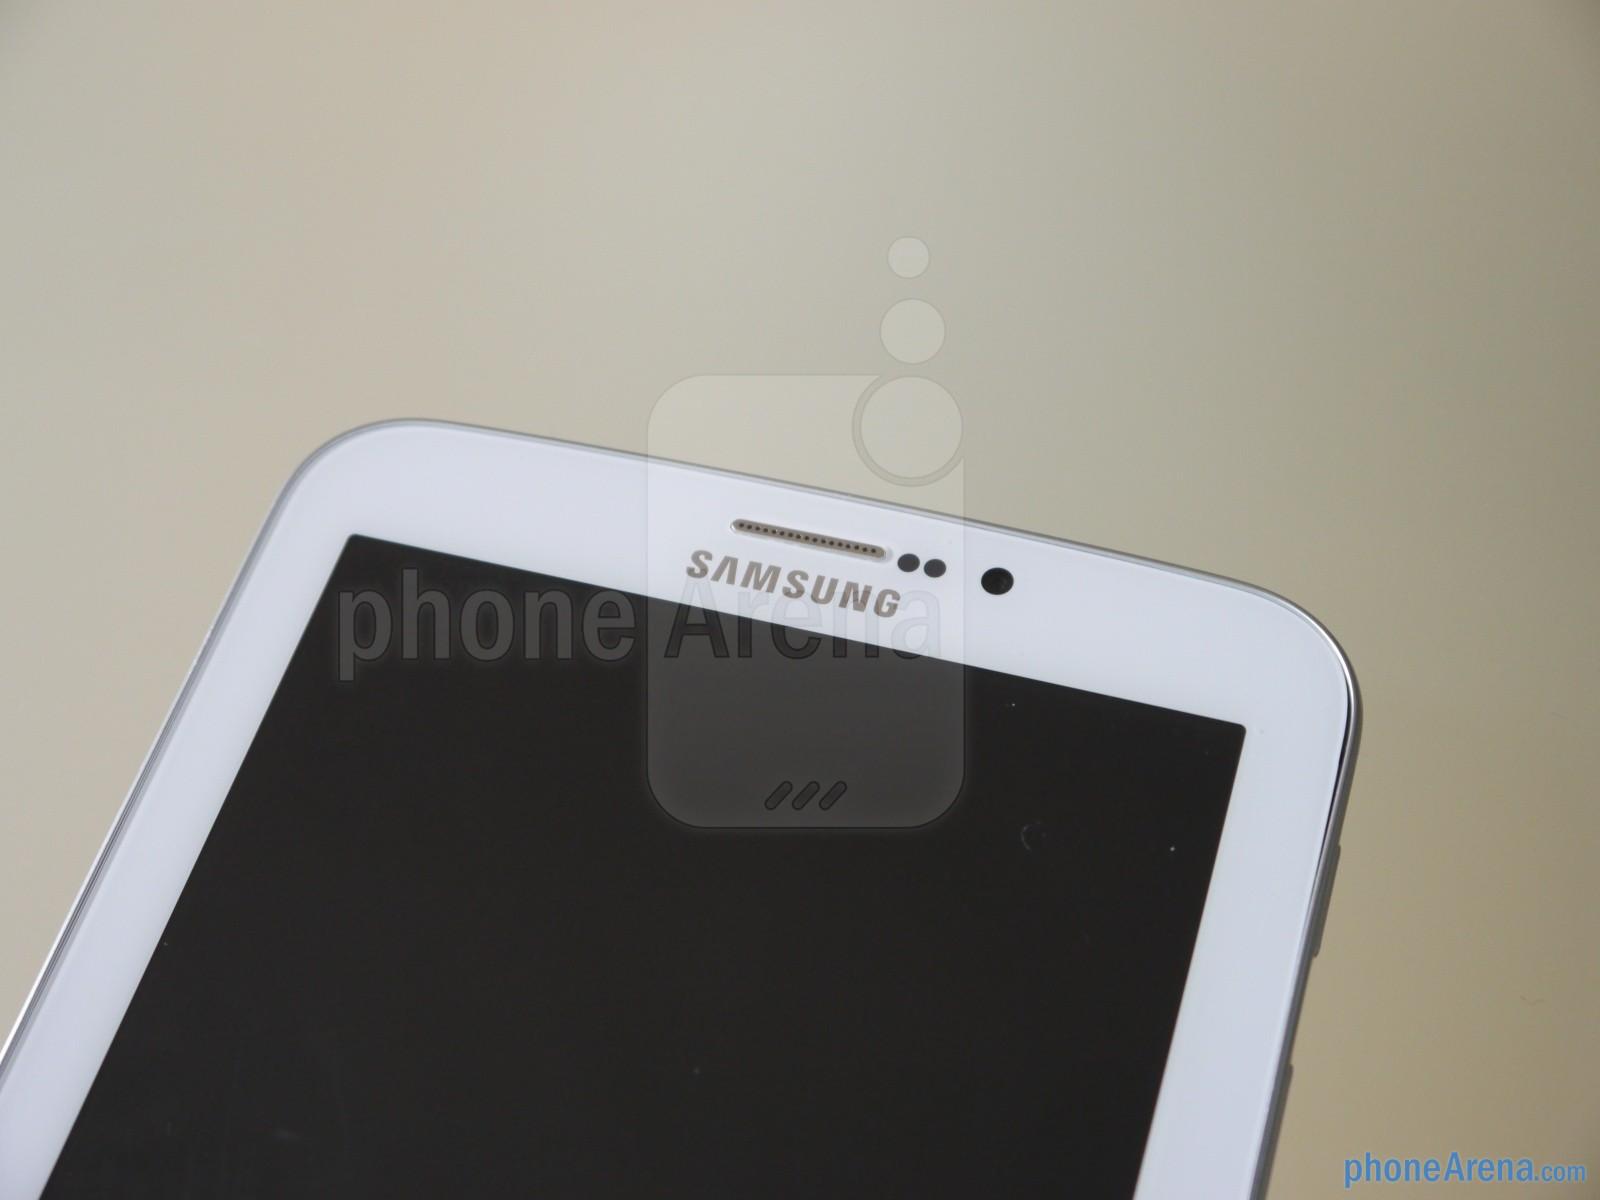 Samsung-Galaxy-Tab-3-7-inch-images (4)